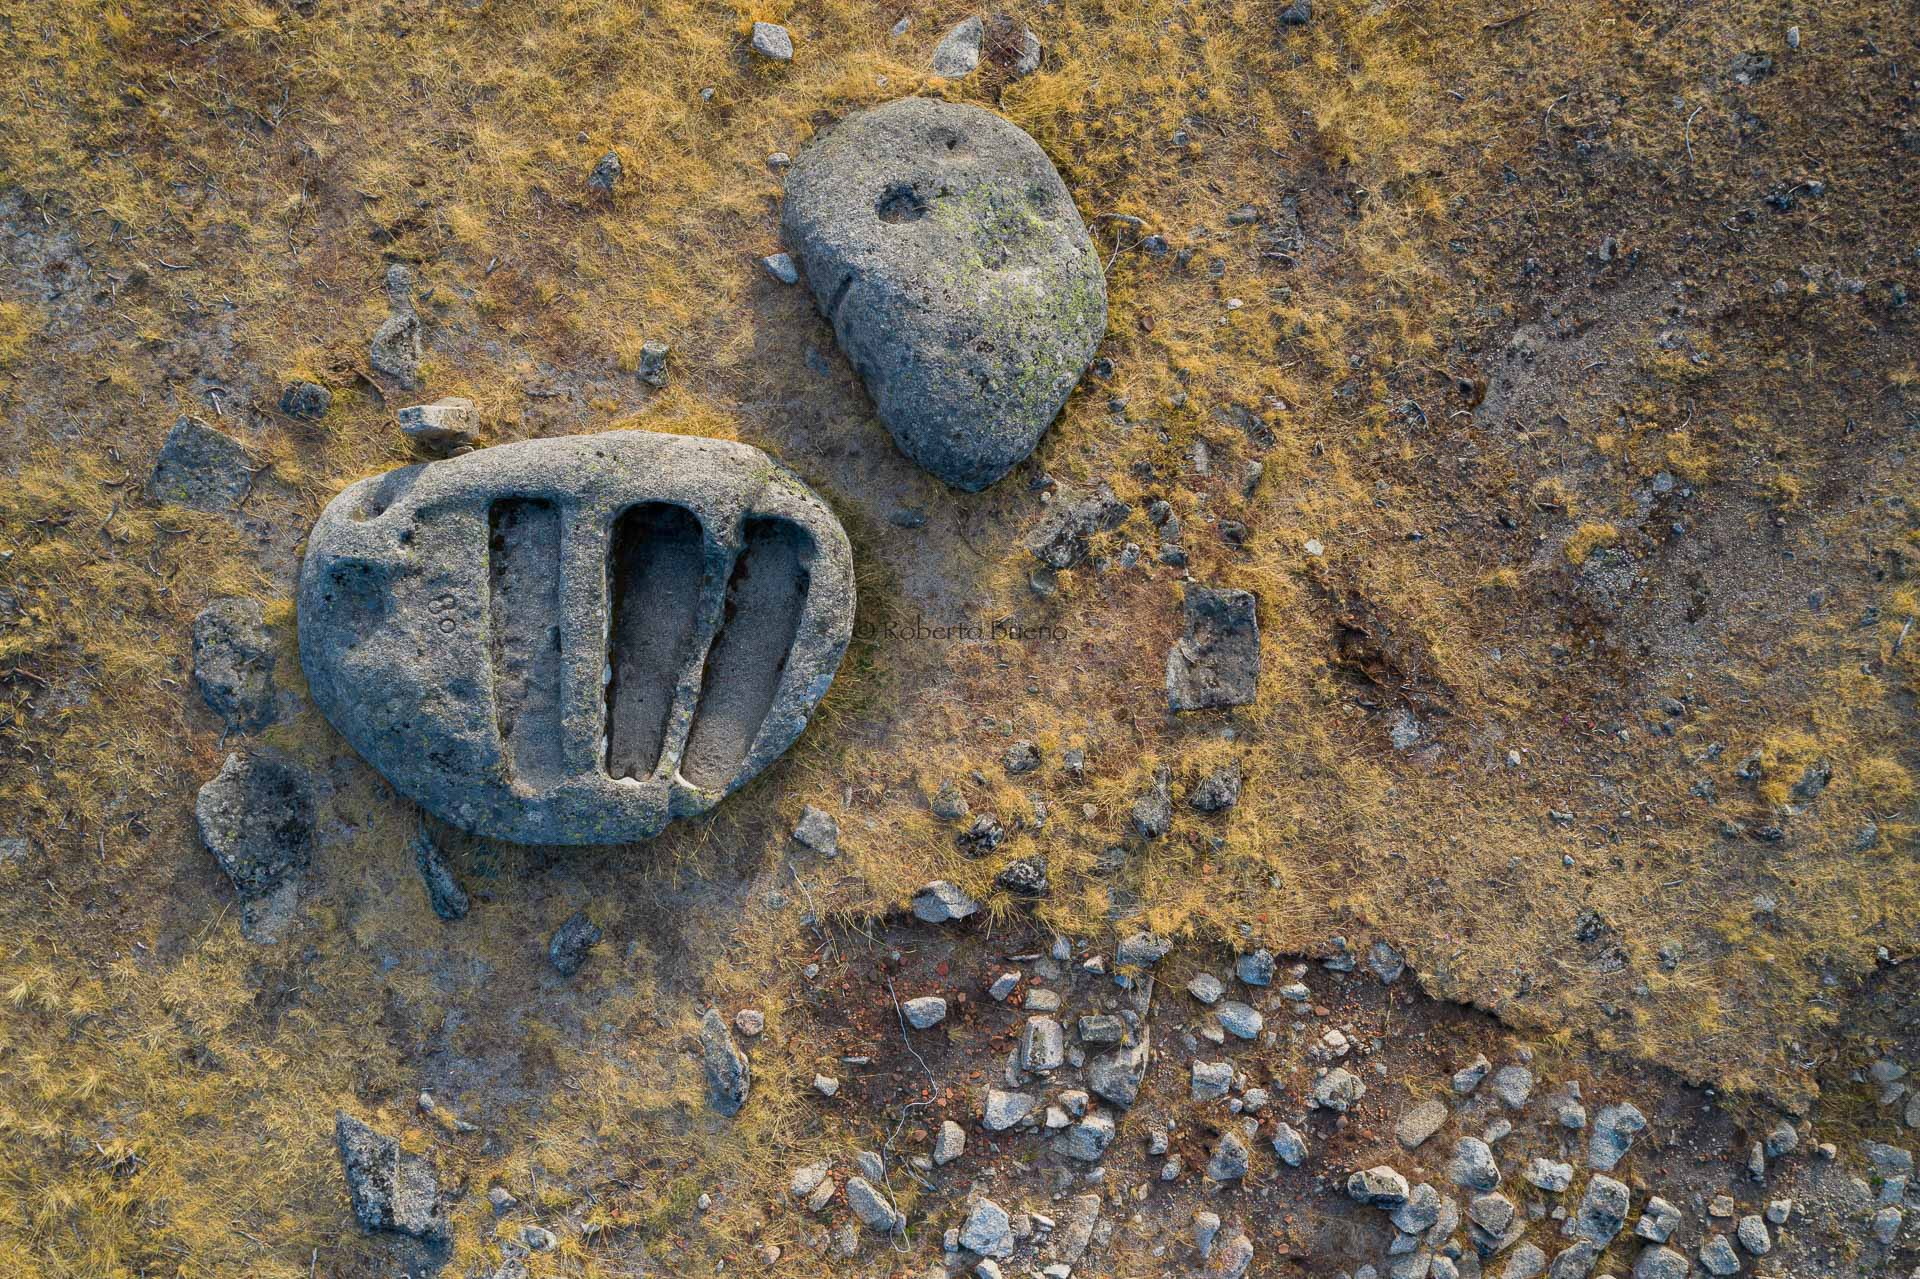 Triple tumba en granito - Huellas de historia - Fósiles, arqueología, historia - Roberto Bueno – Miliarios, museos, tumbas